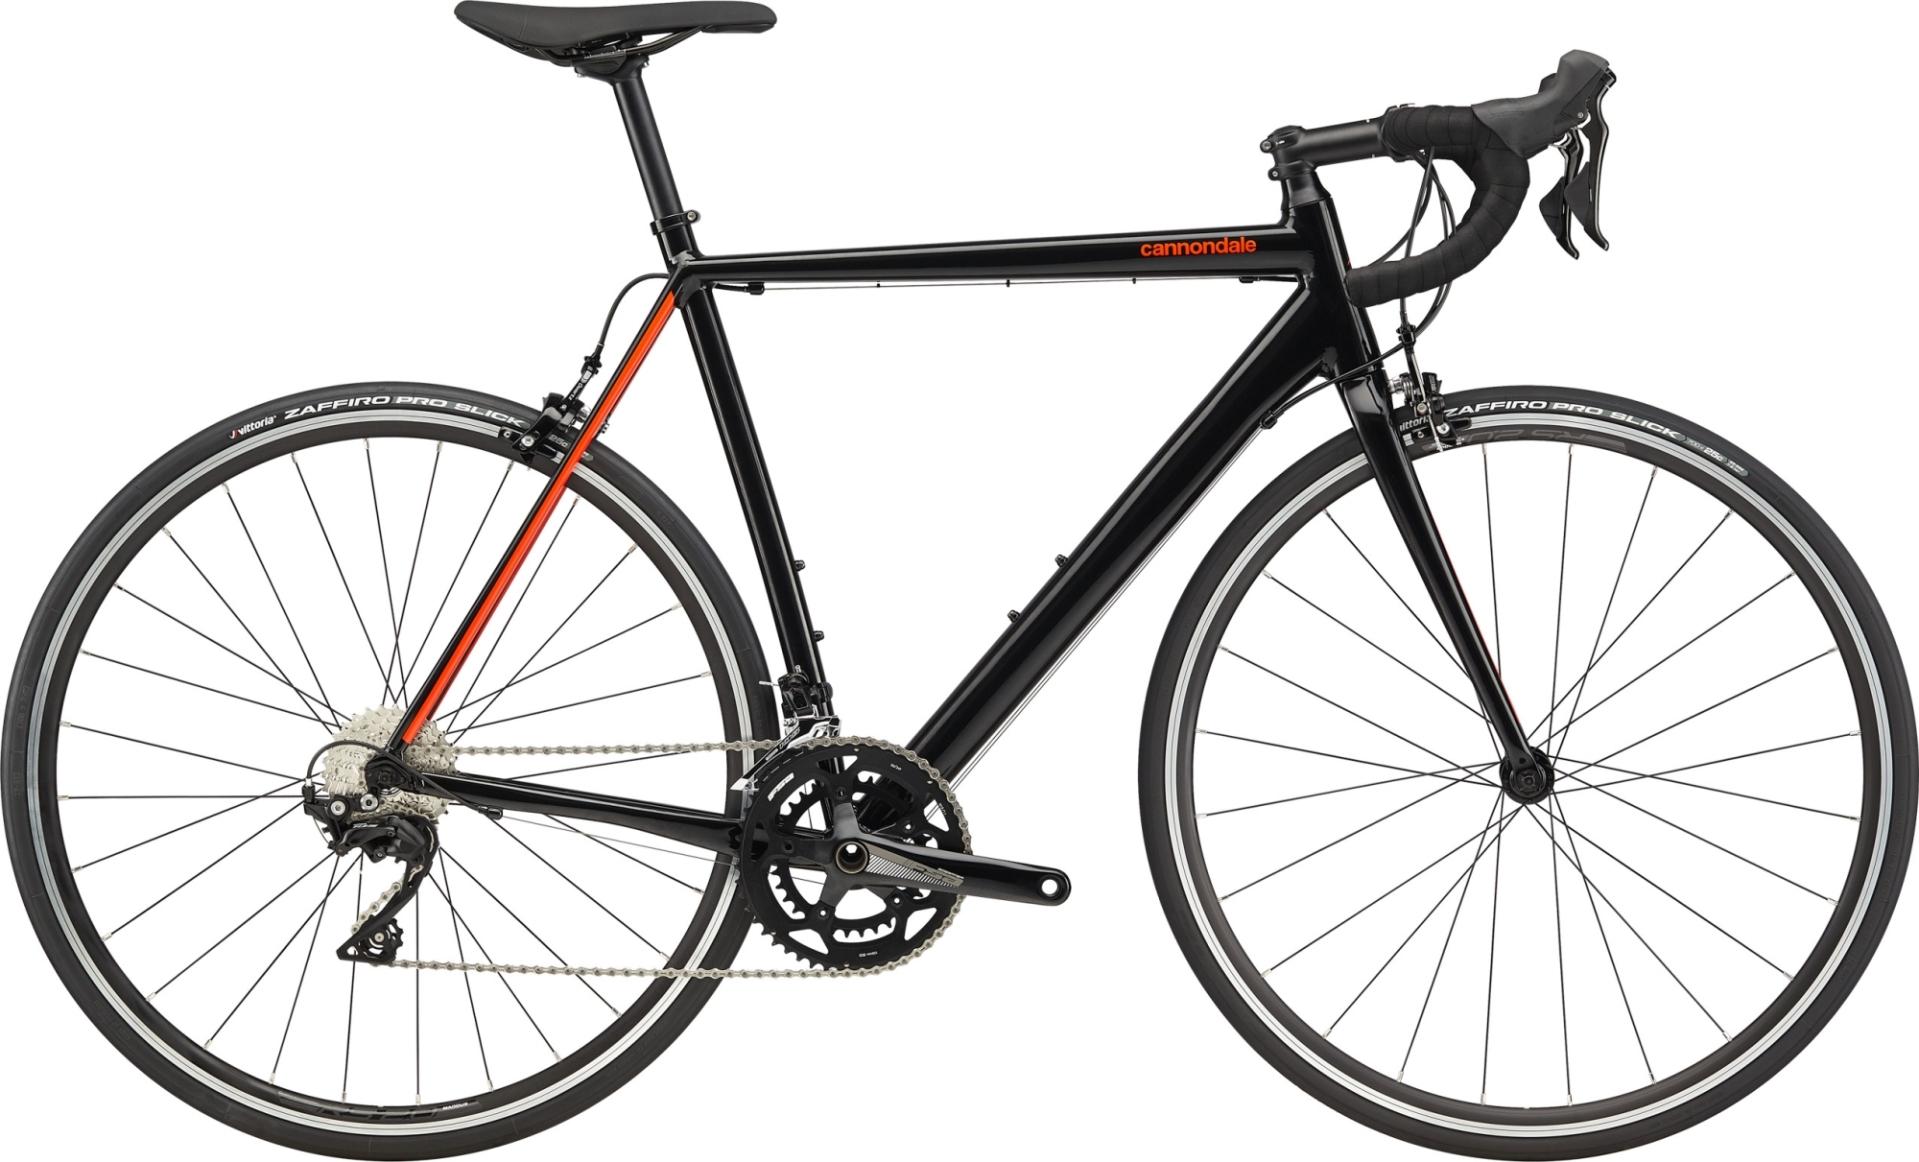 Cannondale CAAD Optimo 105 országúti kerékpár - fekete - 58 cm (2020)